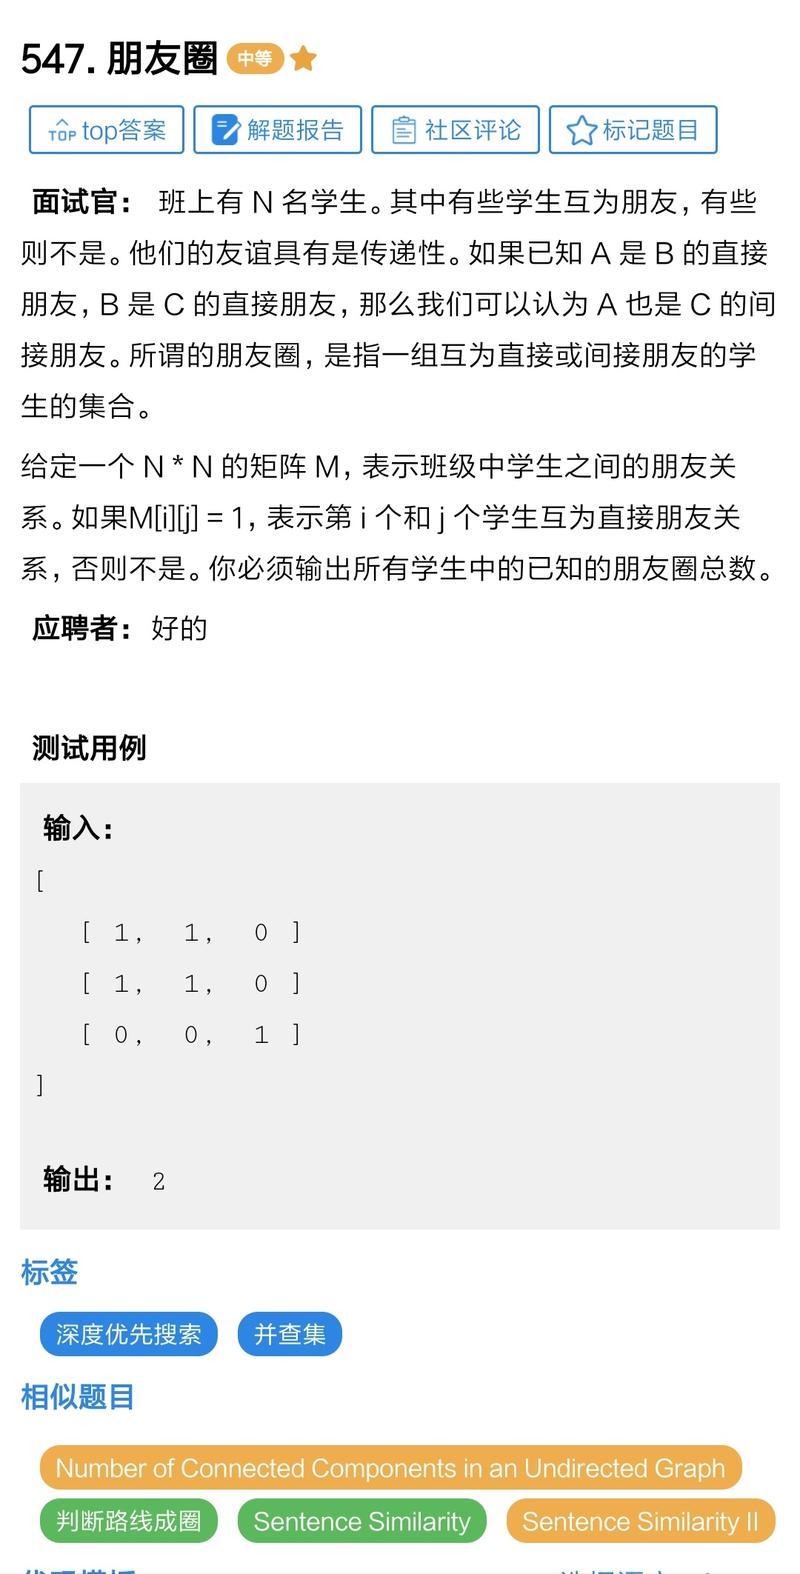 时光__于2019-08-26 08:59发布的图片